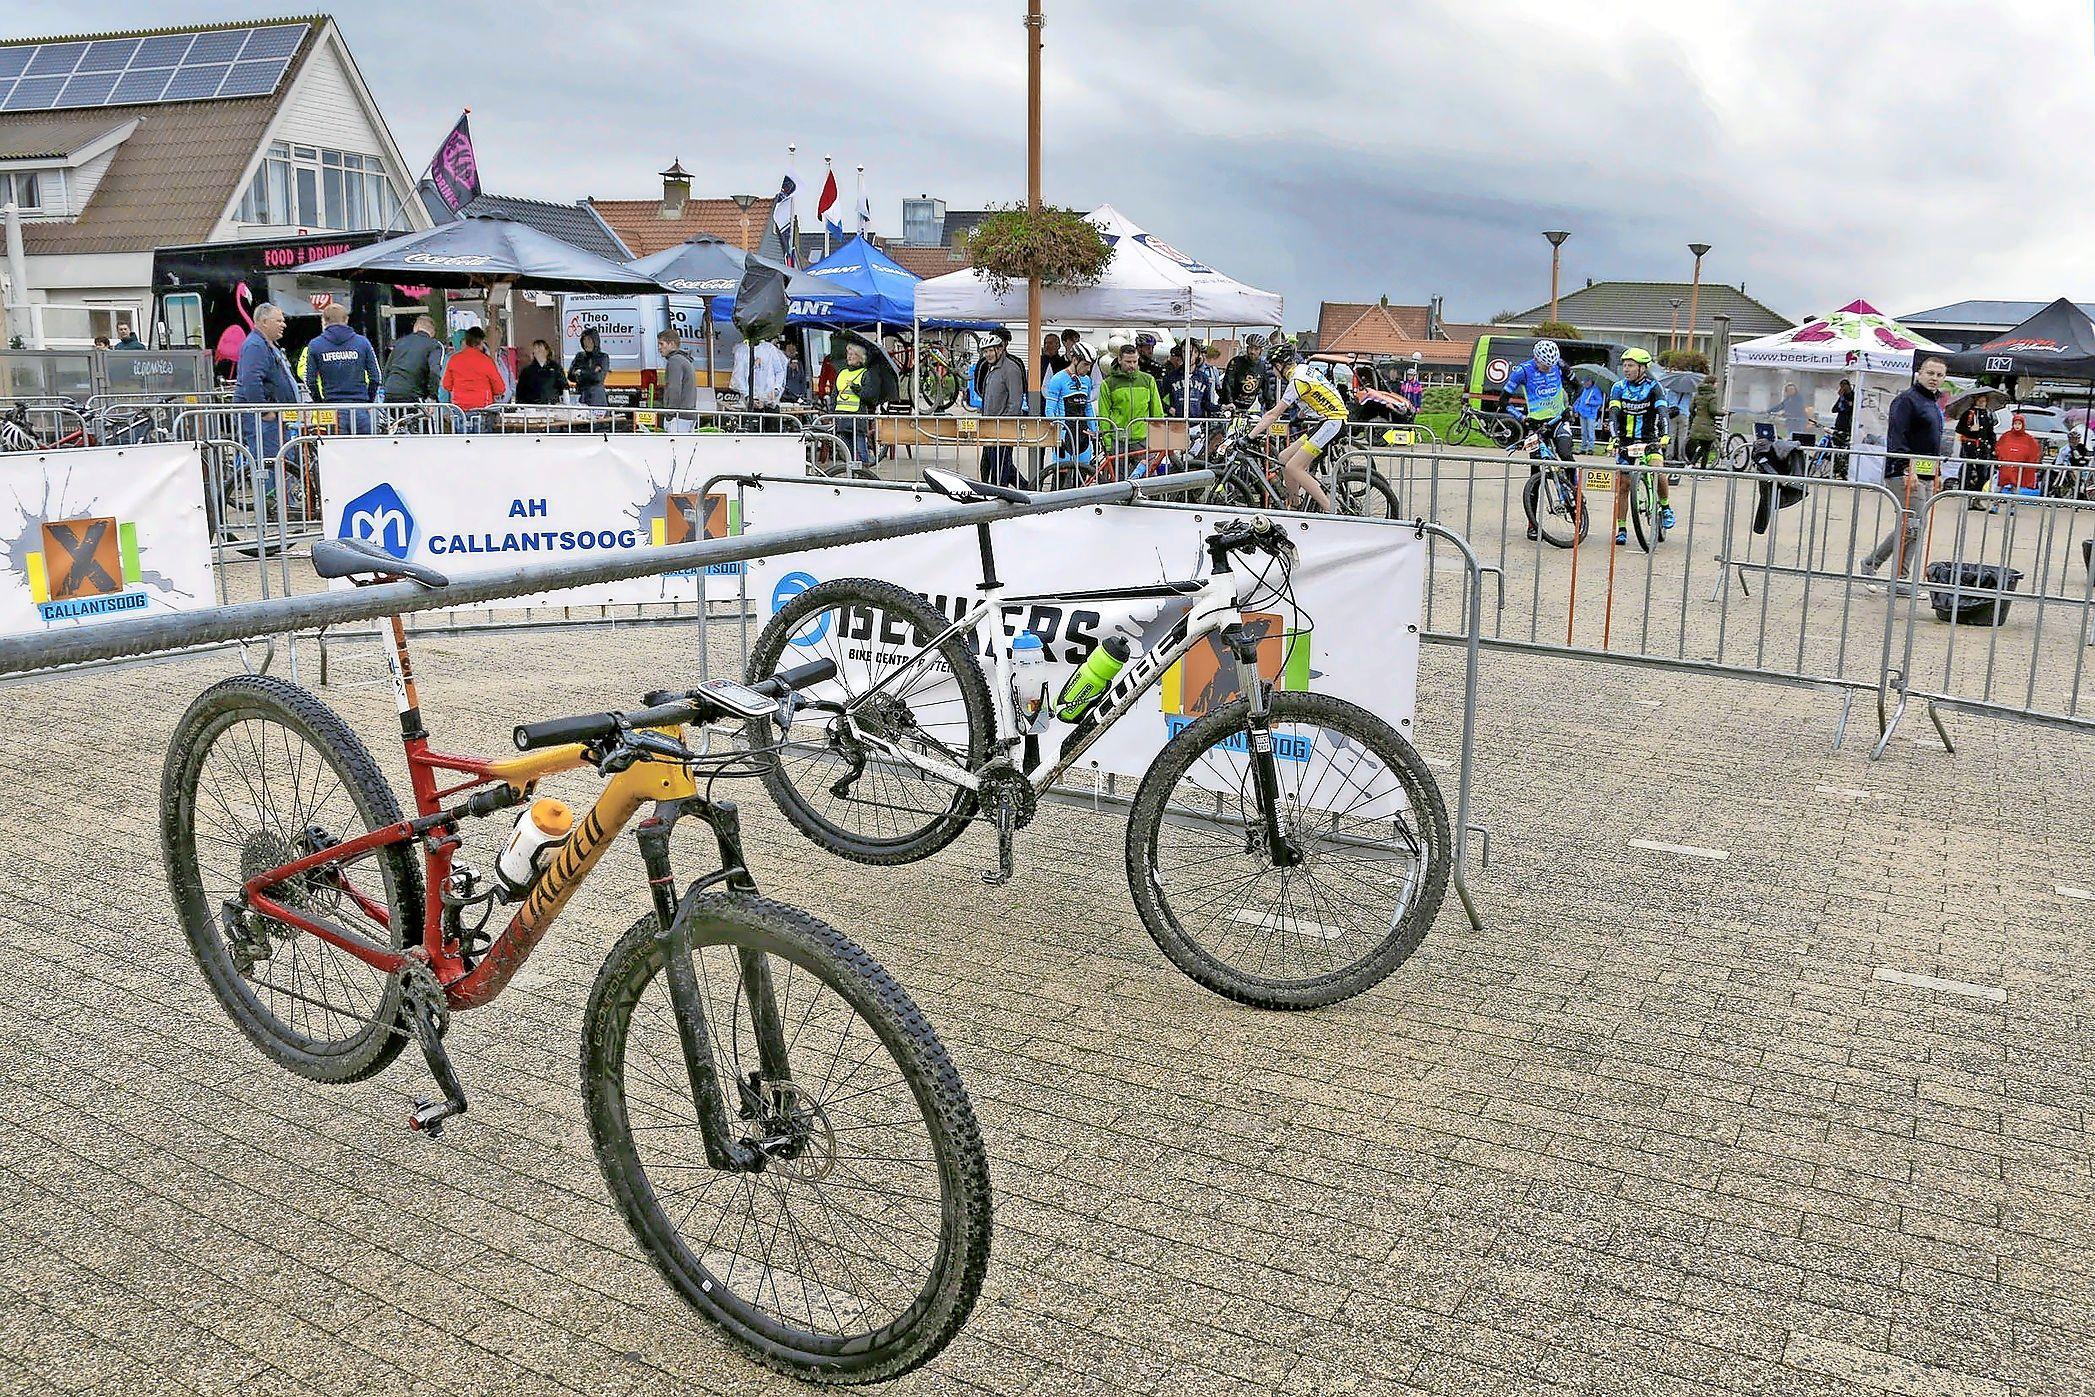 X-Callantsoog wordt in coronatijd race tegen de klok voor lopers en fietsers